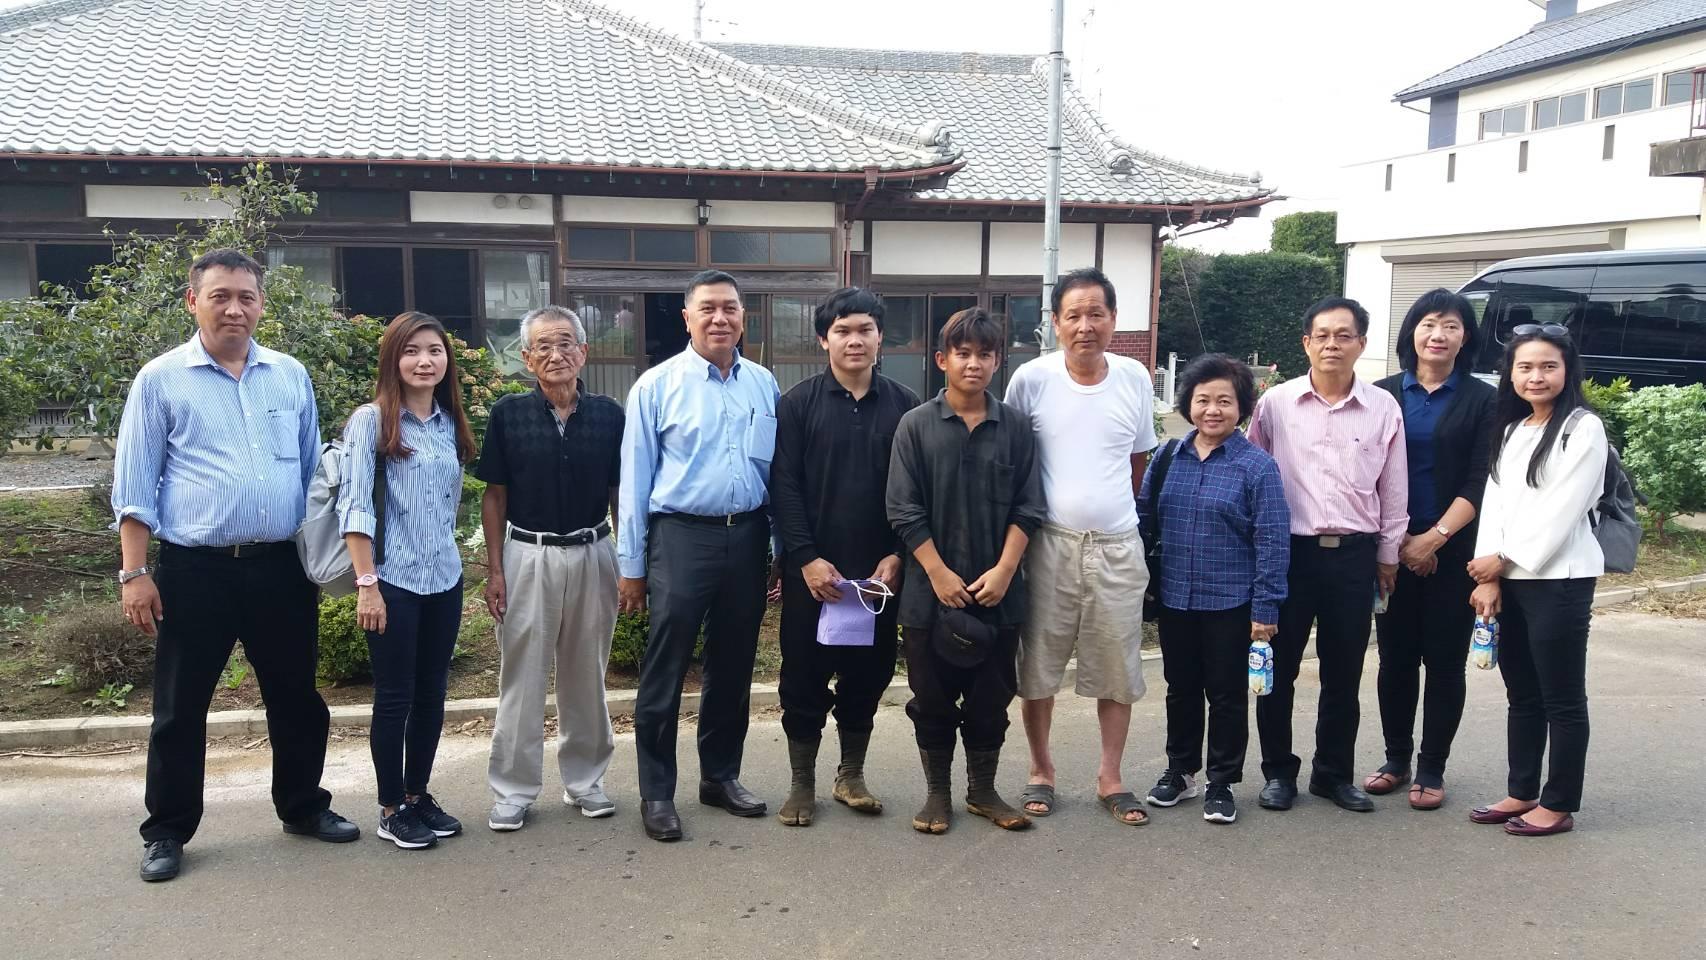 ตรวจเยี่ยมแรงงานไทย จำนวน 2 คน บริษัท IRIE YOSHIAKI